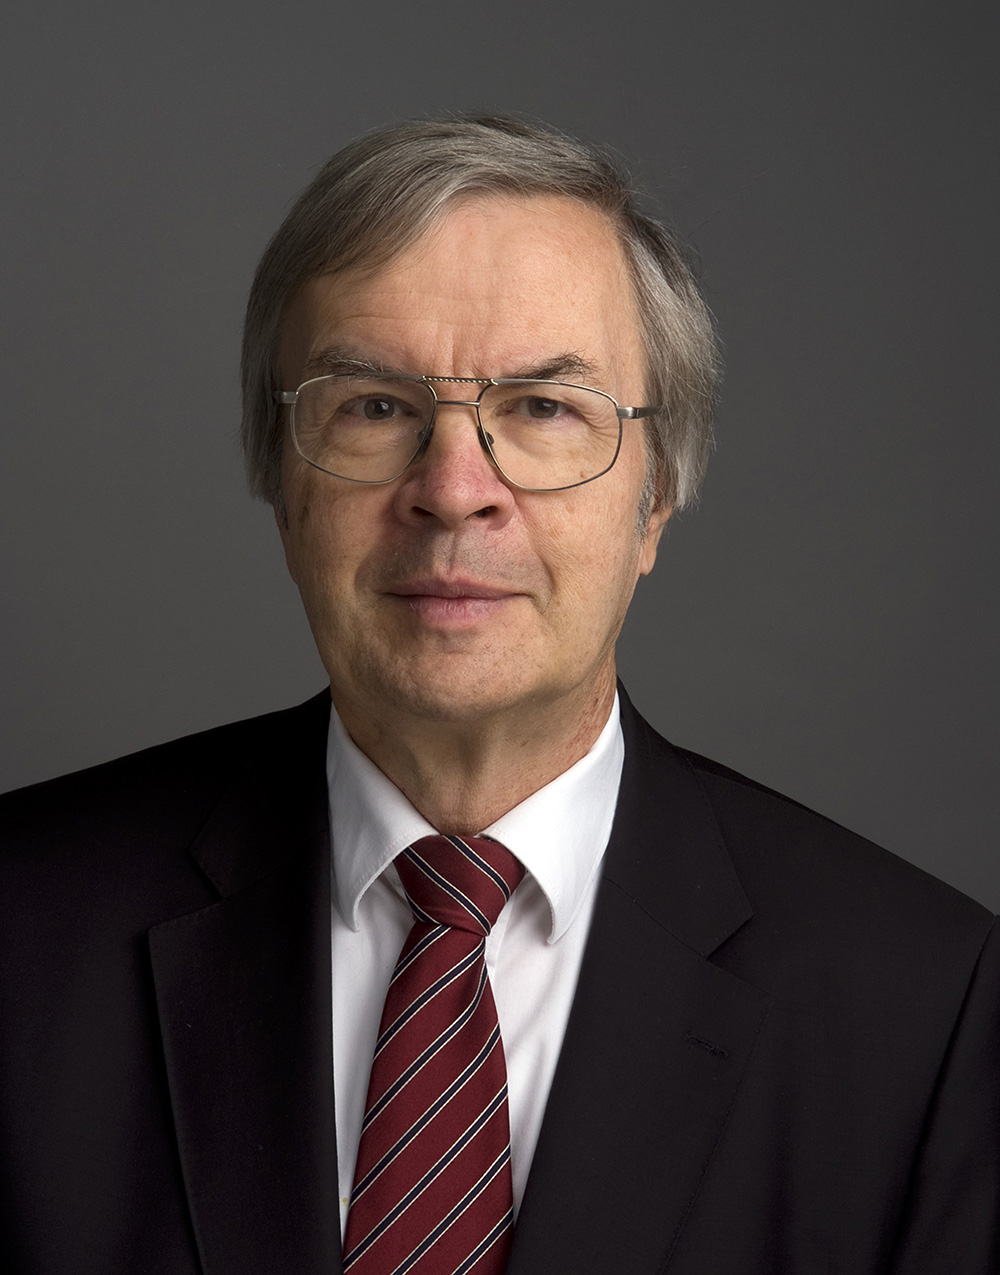 Theodor W. Hänsch